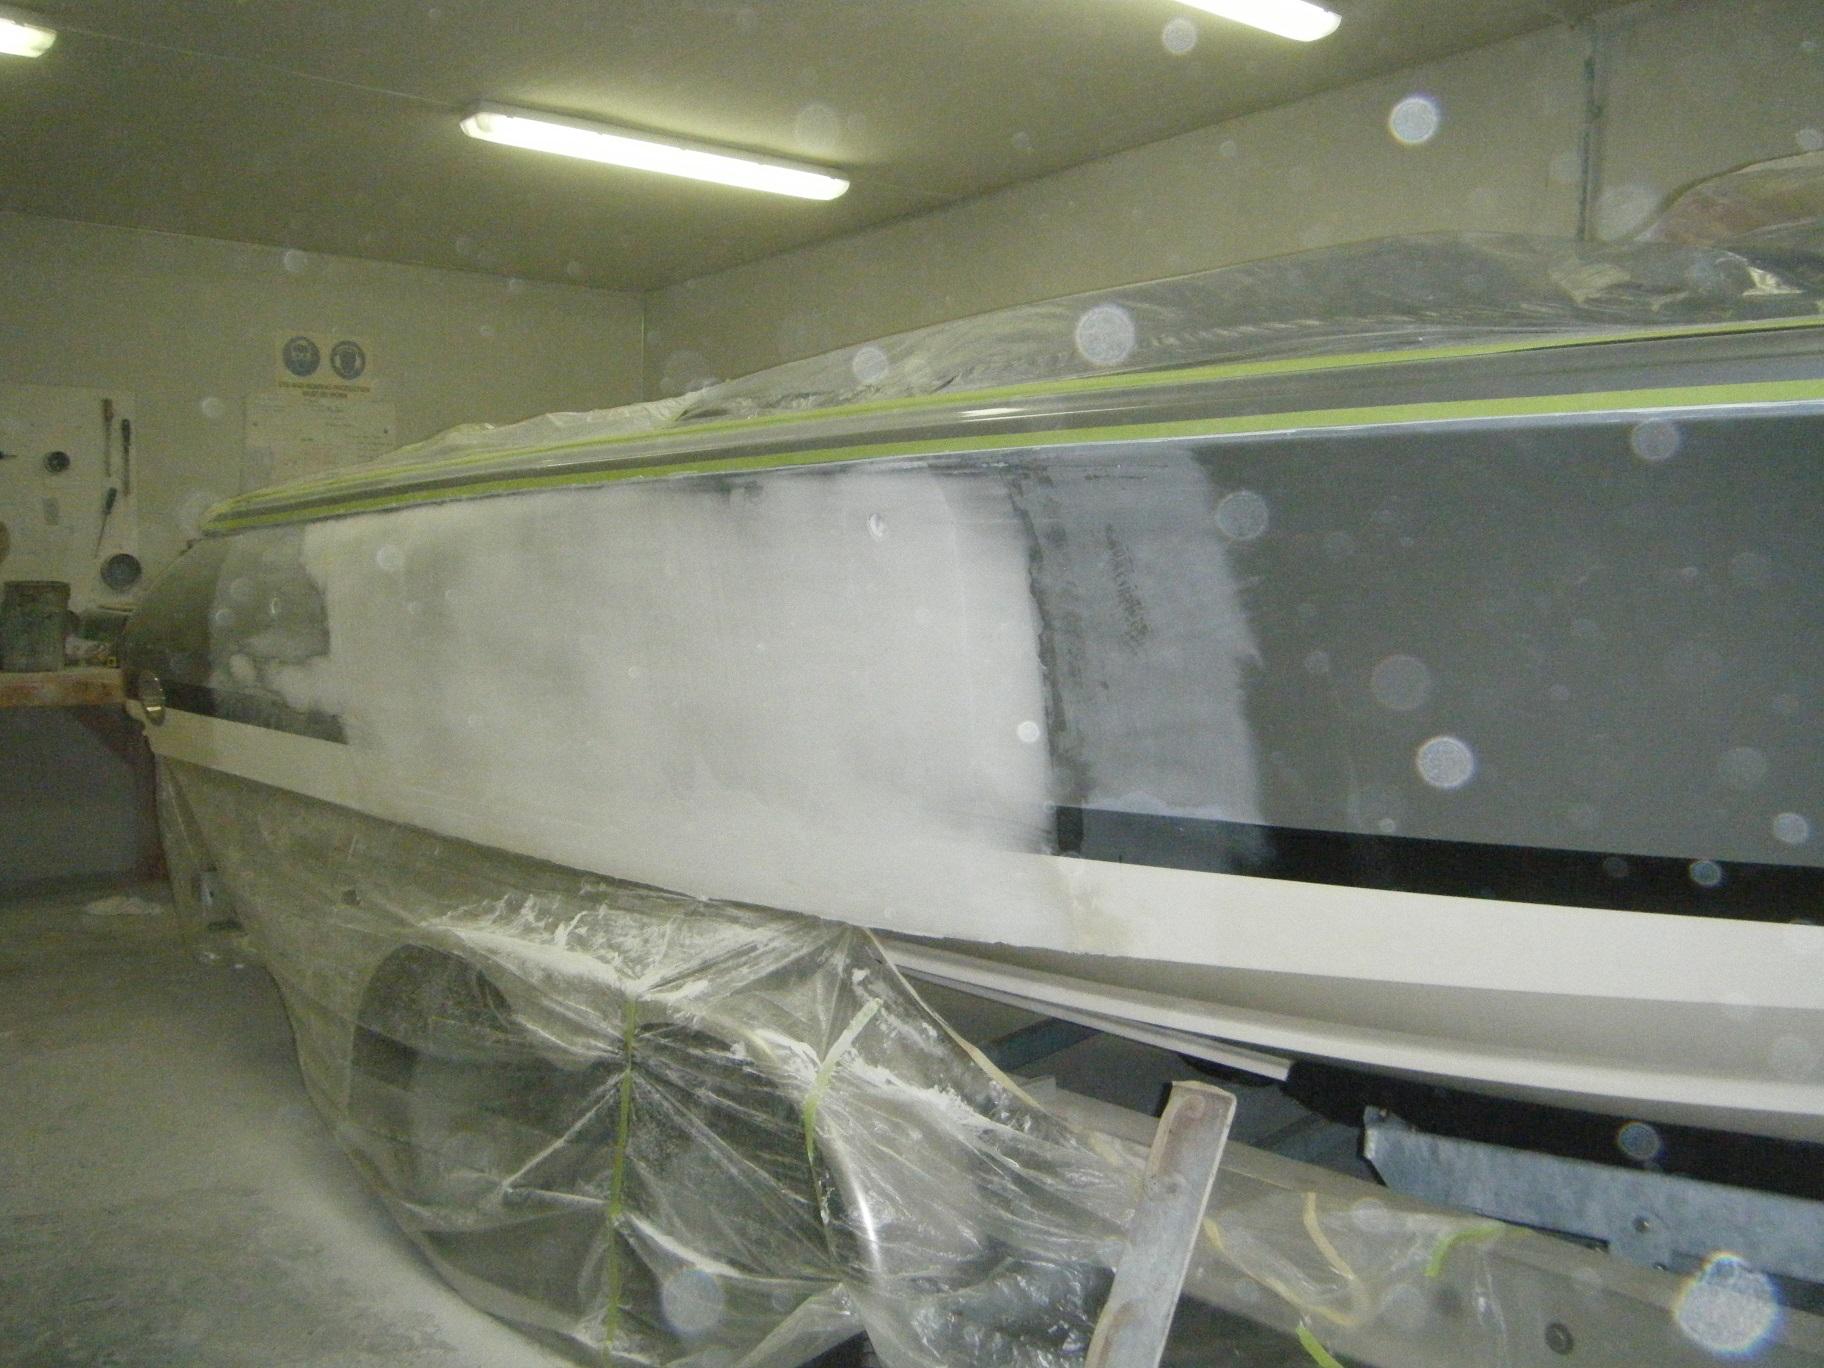 DSCF0597.JPG